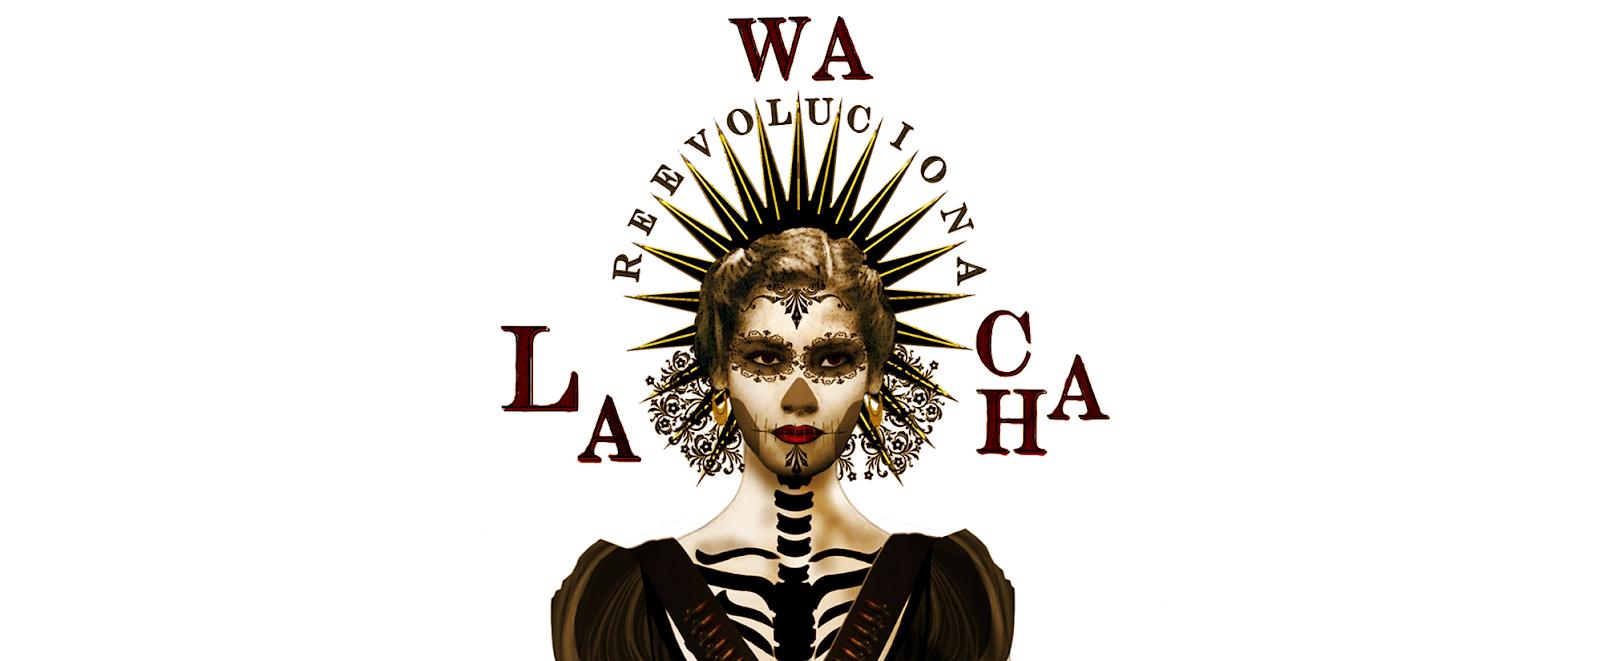 La Wacha